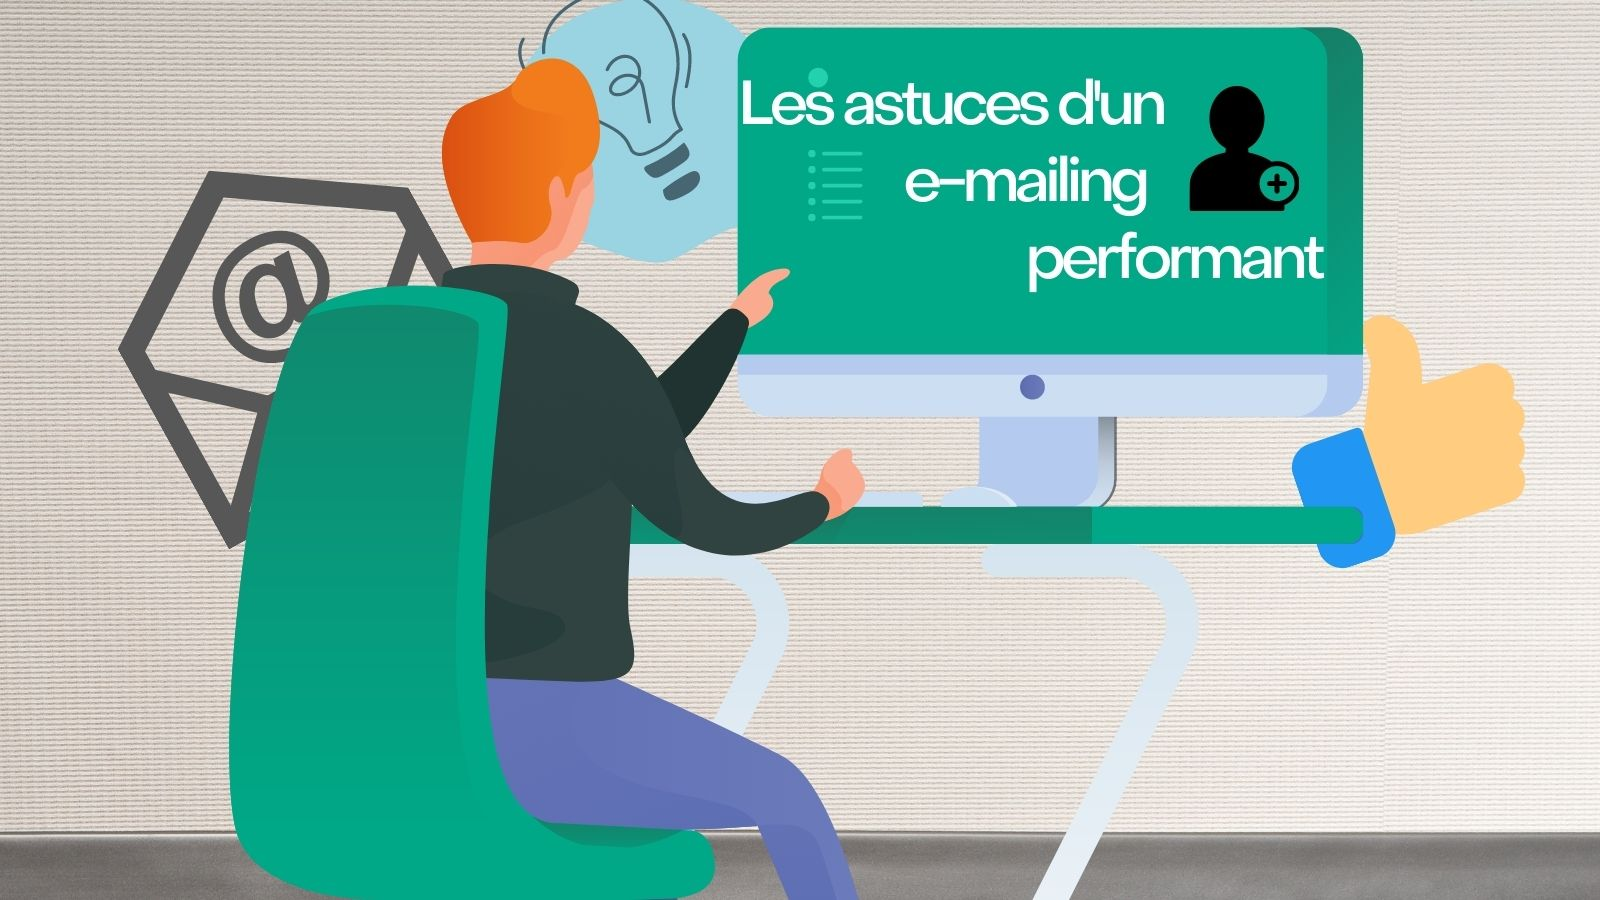 Les astuces d'un e-mailing performant